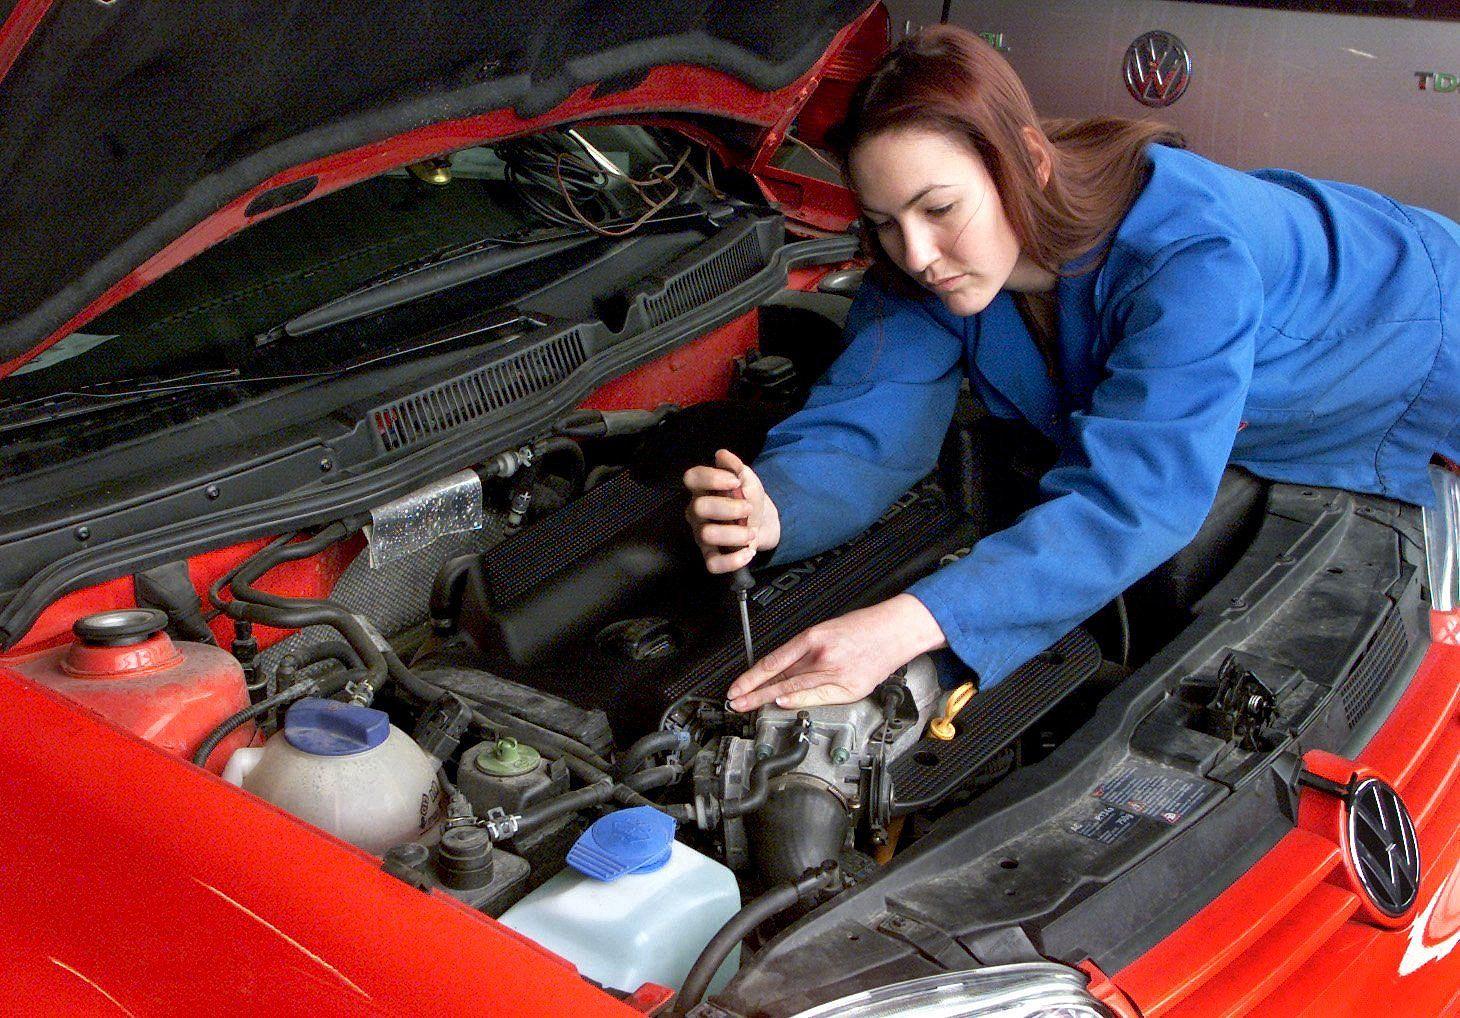 Frau Mechaniker / Mechanikerin